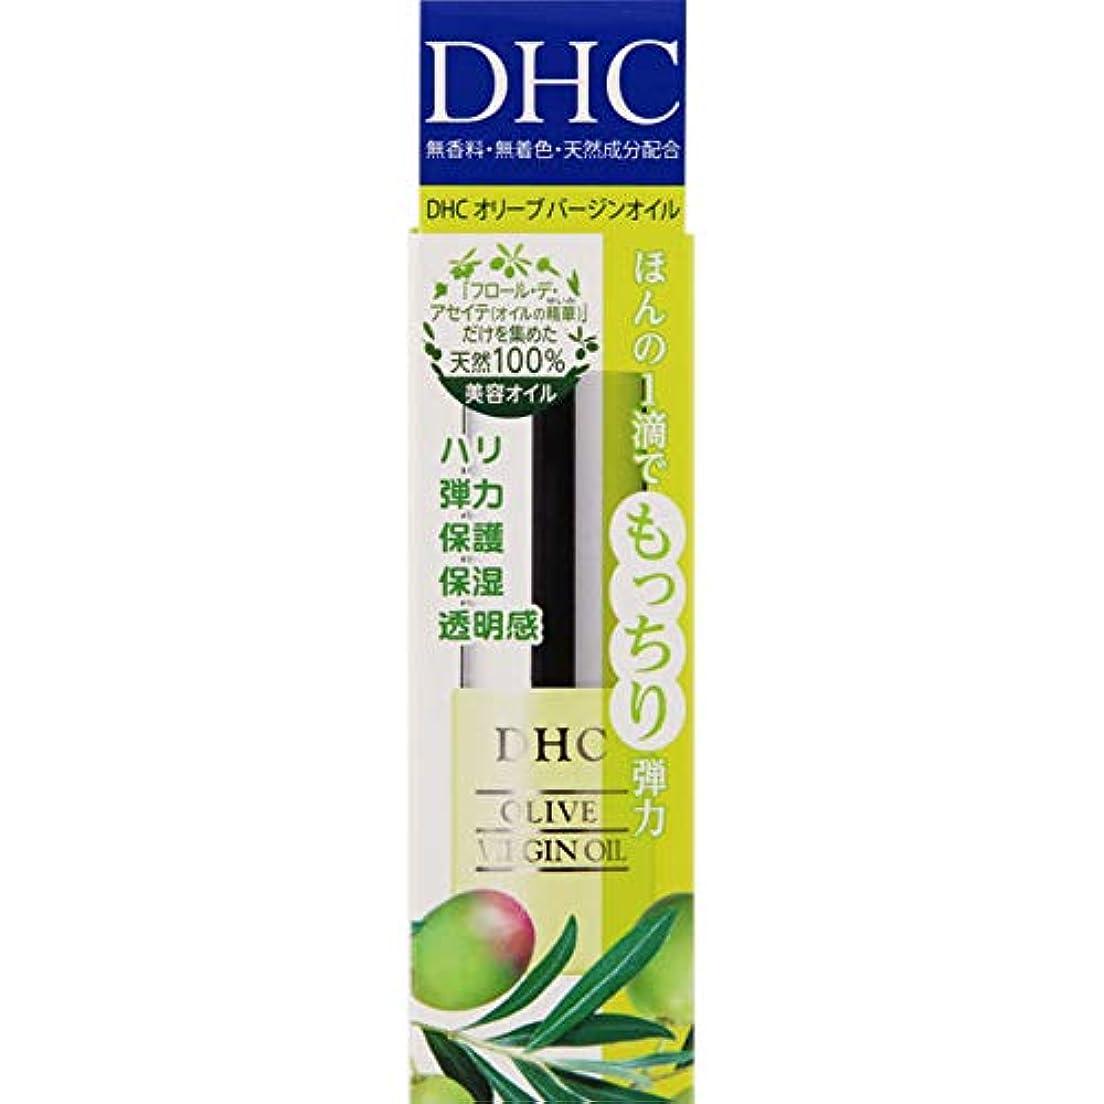 ずんぐりした絶望消毒剤DHC オリーブバージンオイル(SS) 7ml